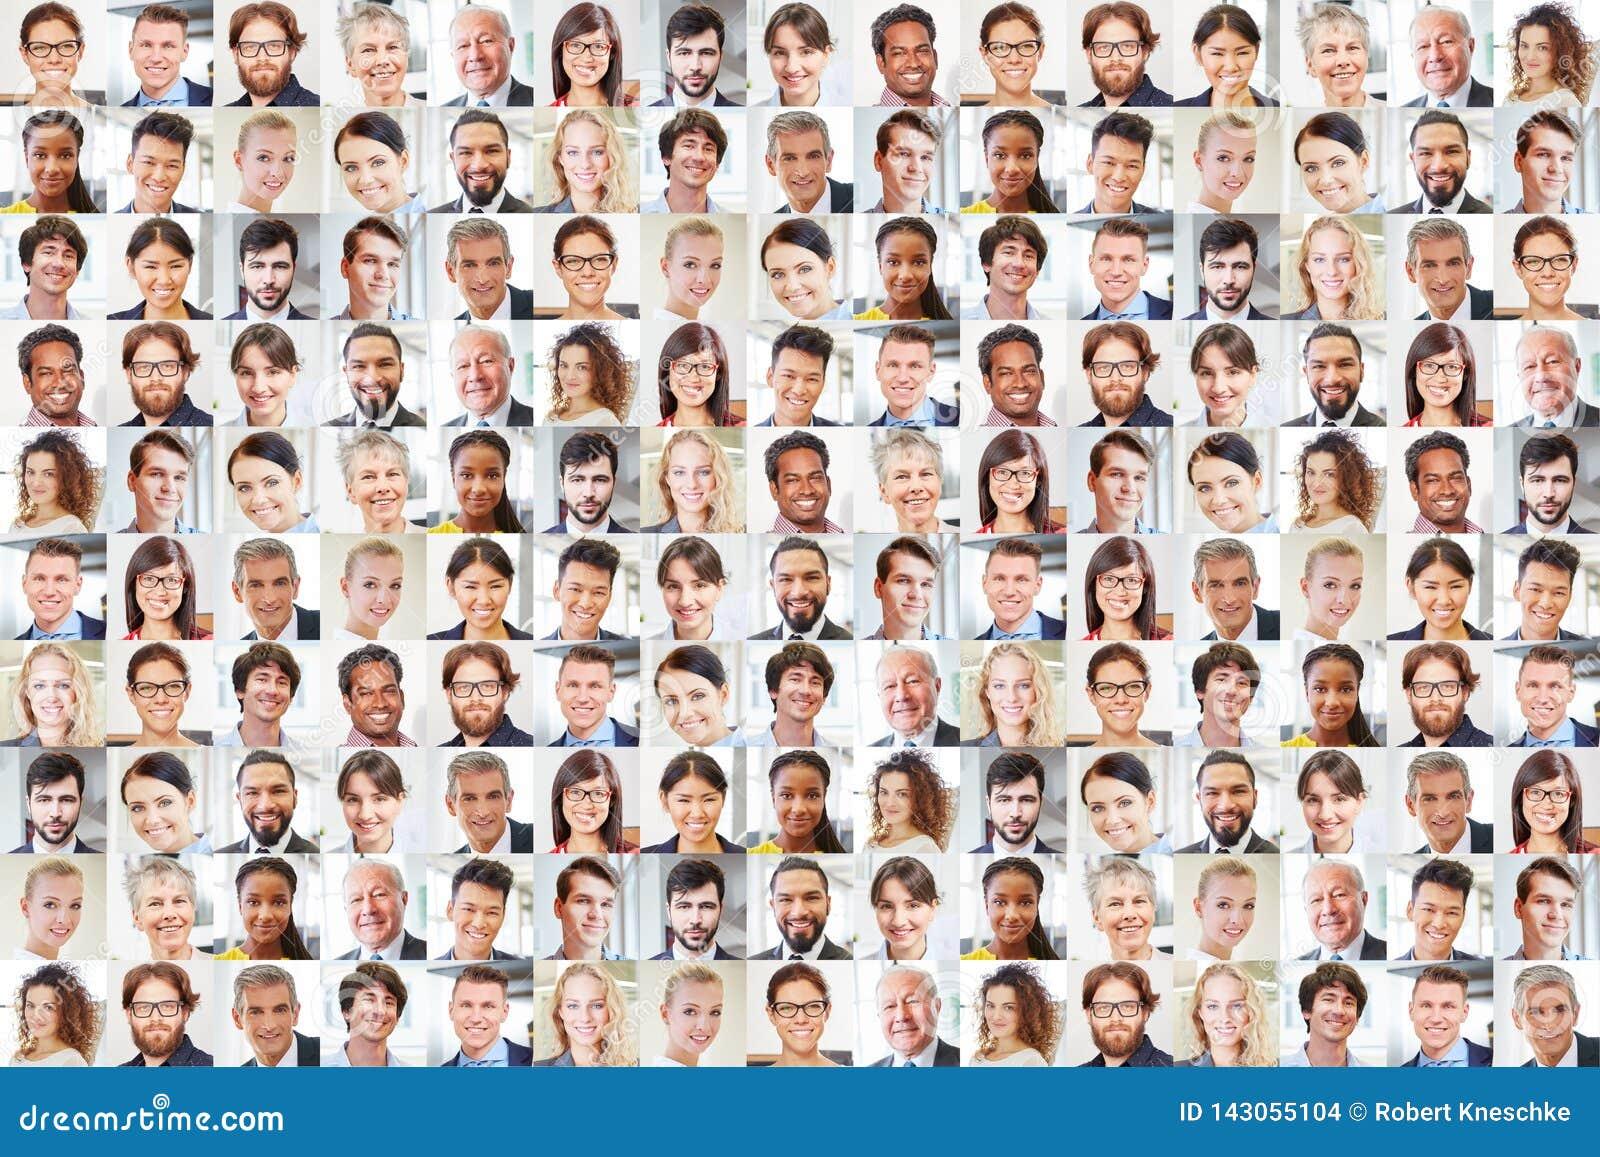 Beaucoup de portraits d hommes d affaires ensemble comme travail d équipe